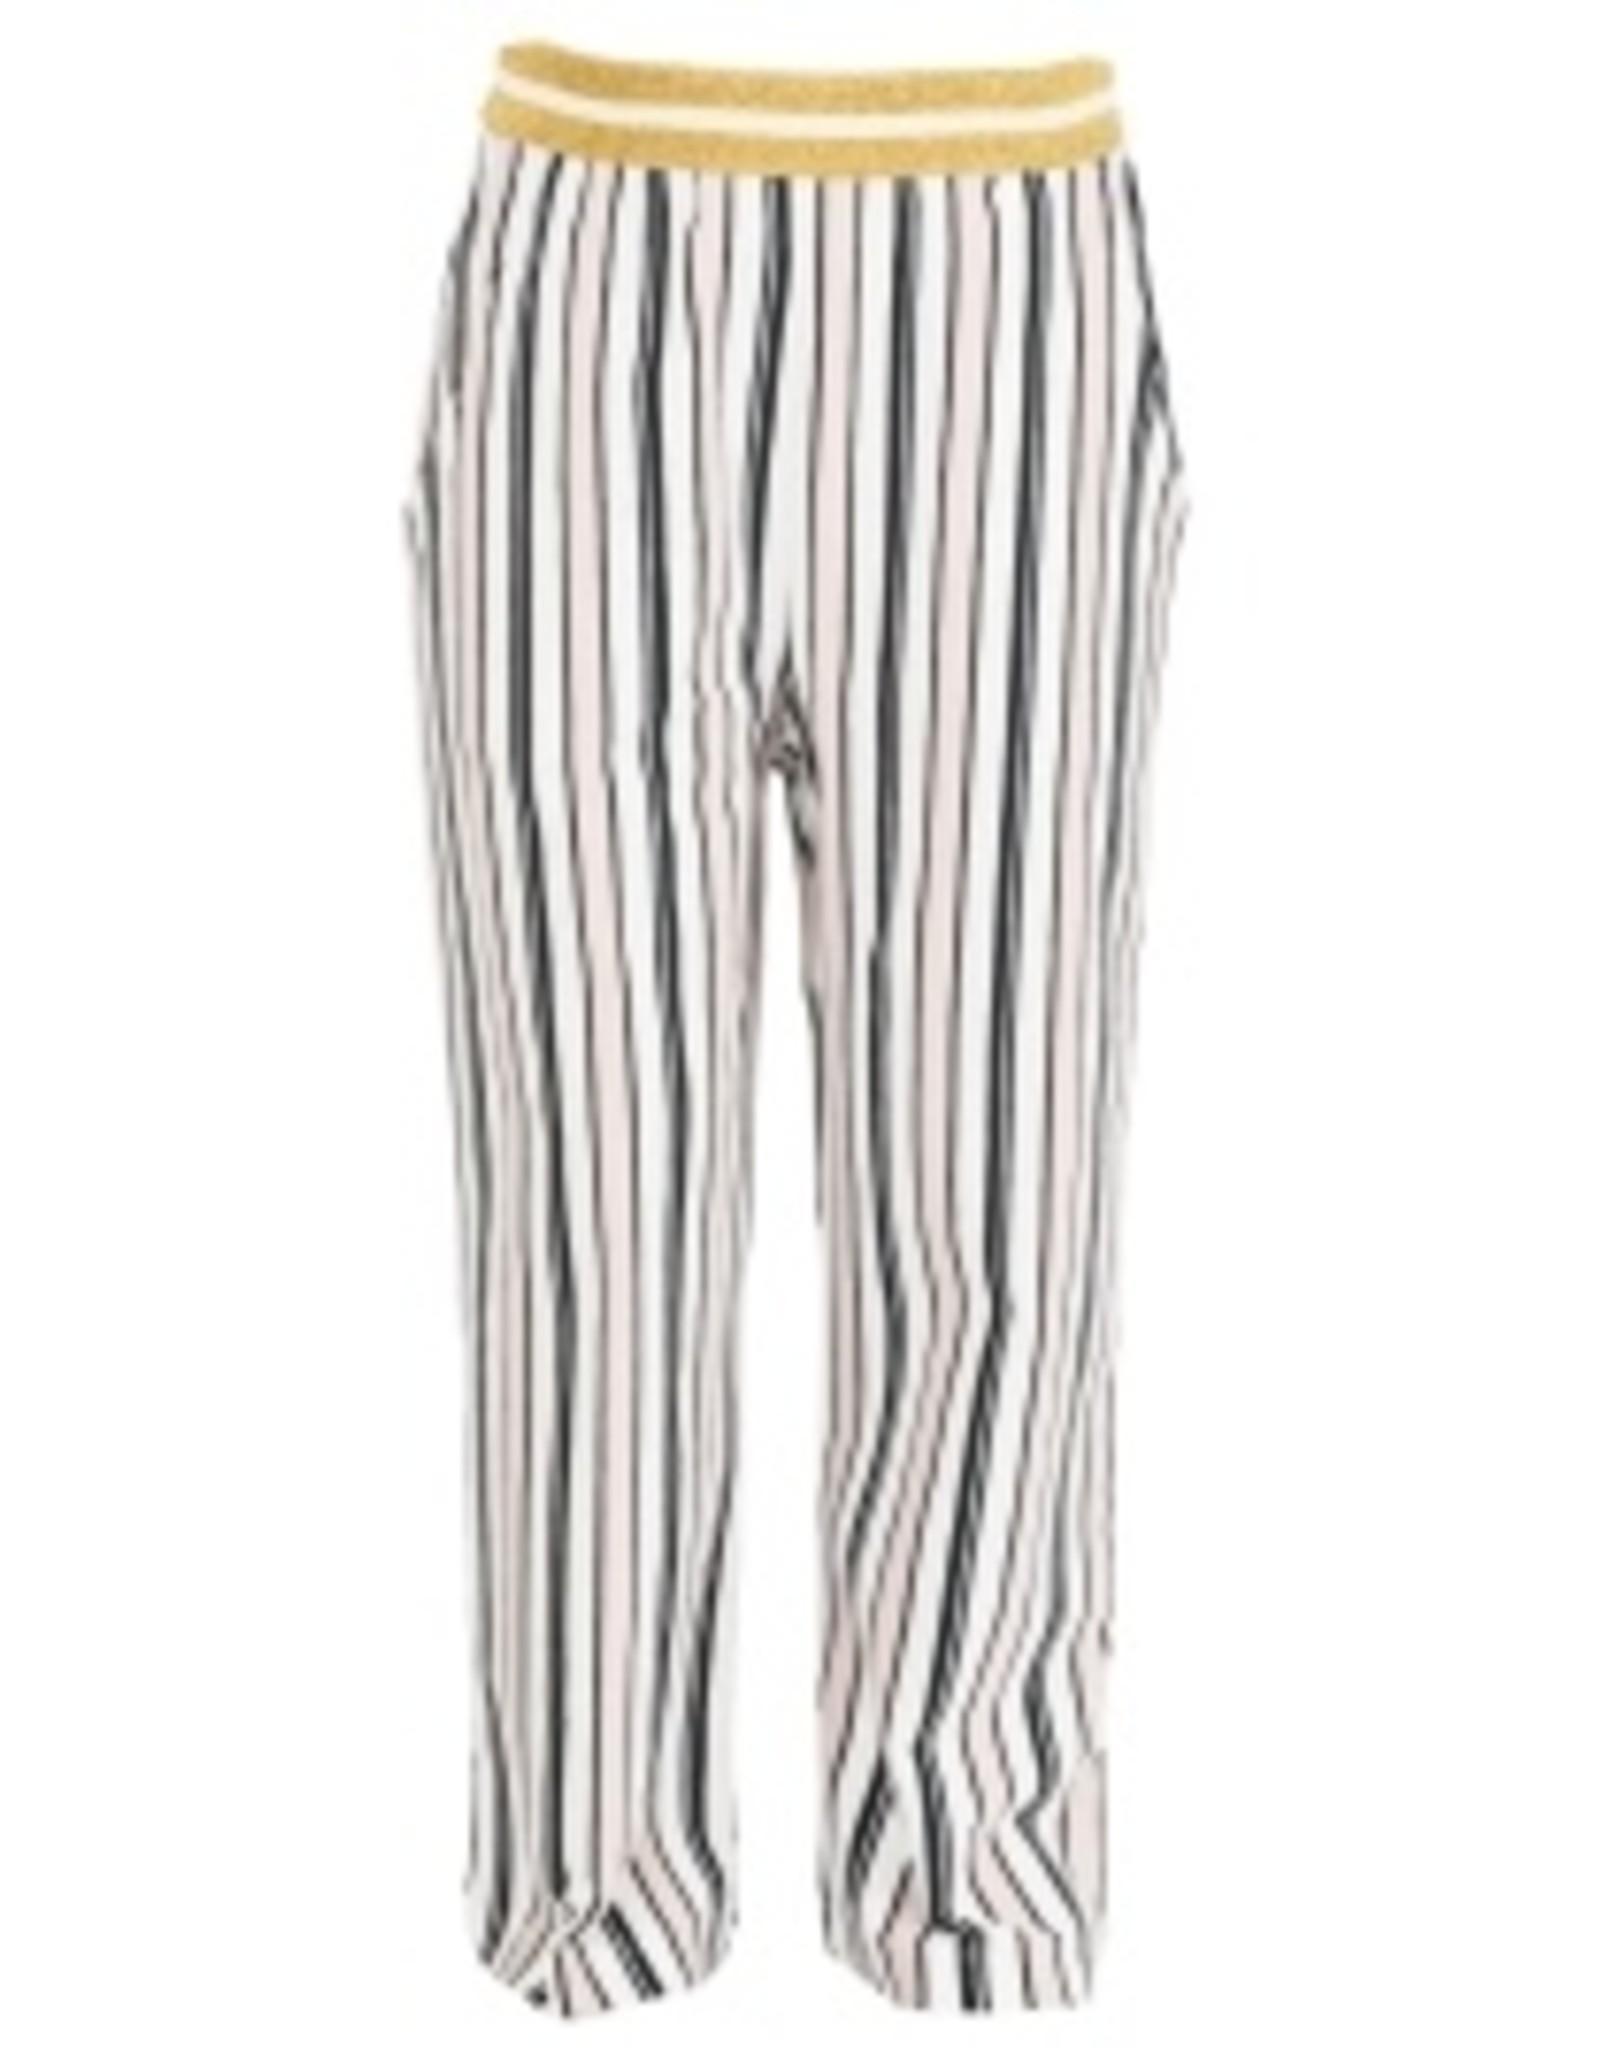 Starfreak Starfreak Pants Jersey Co/El